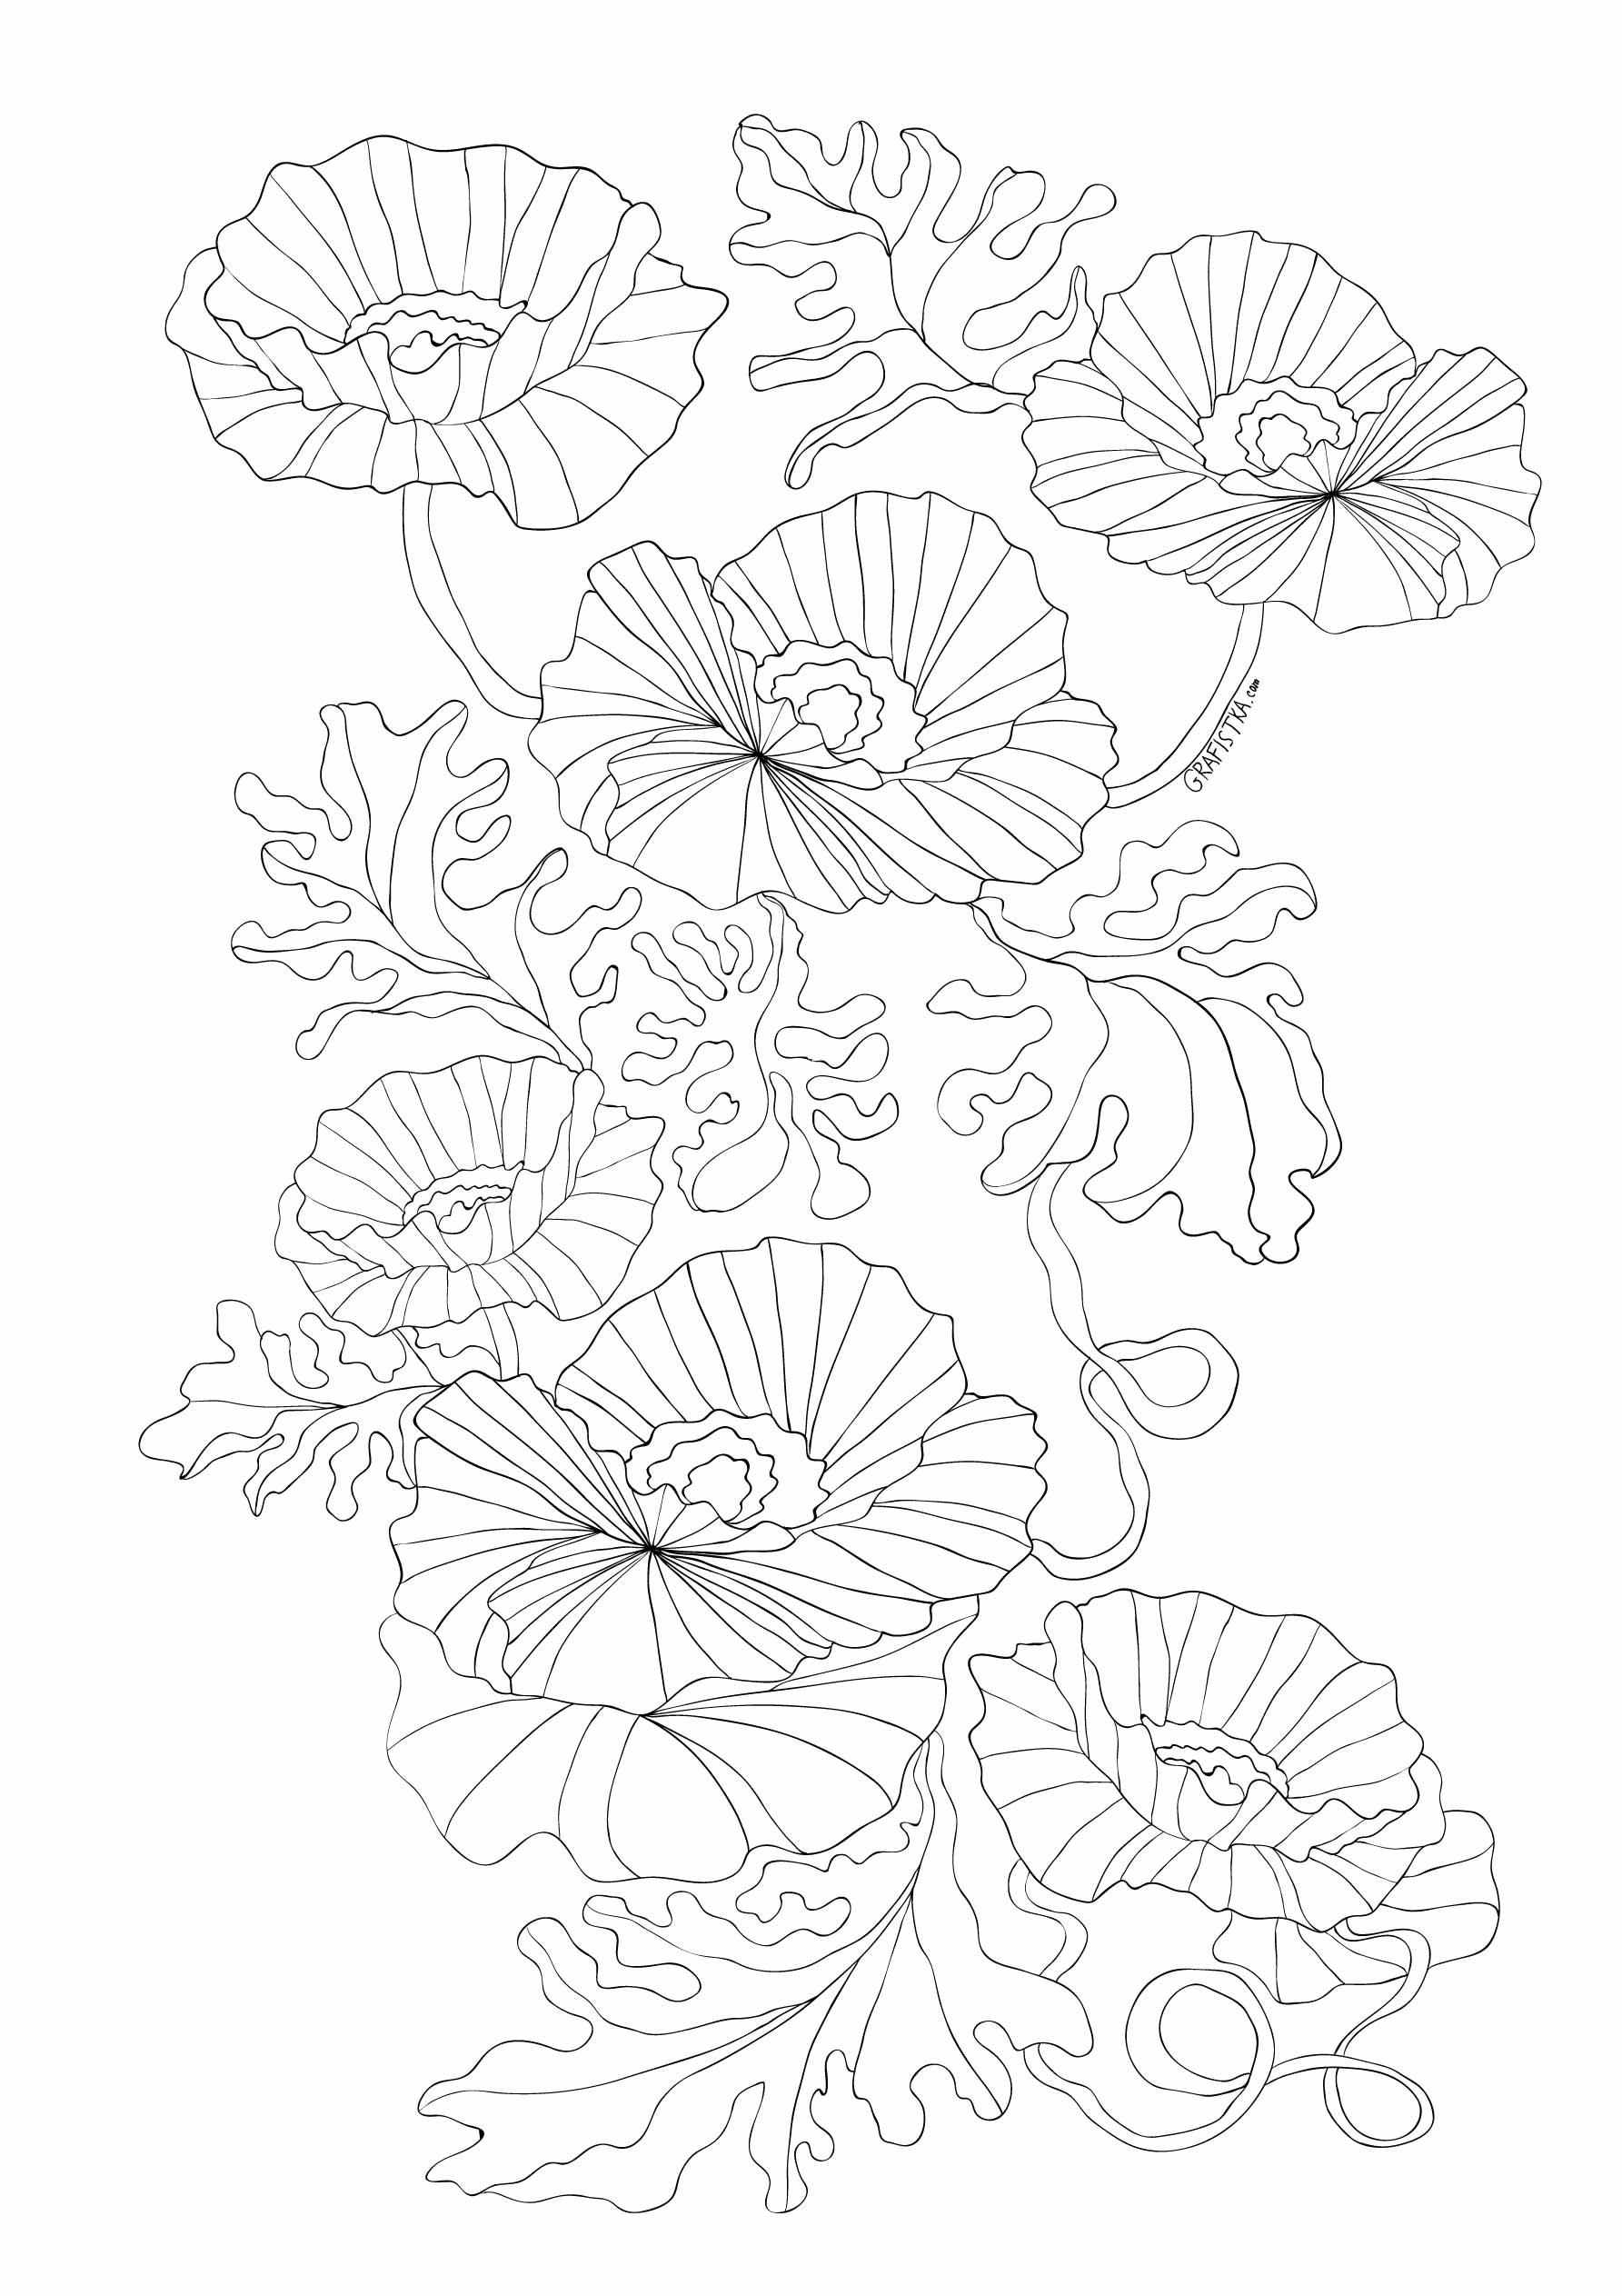 dessin anti stress pdf